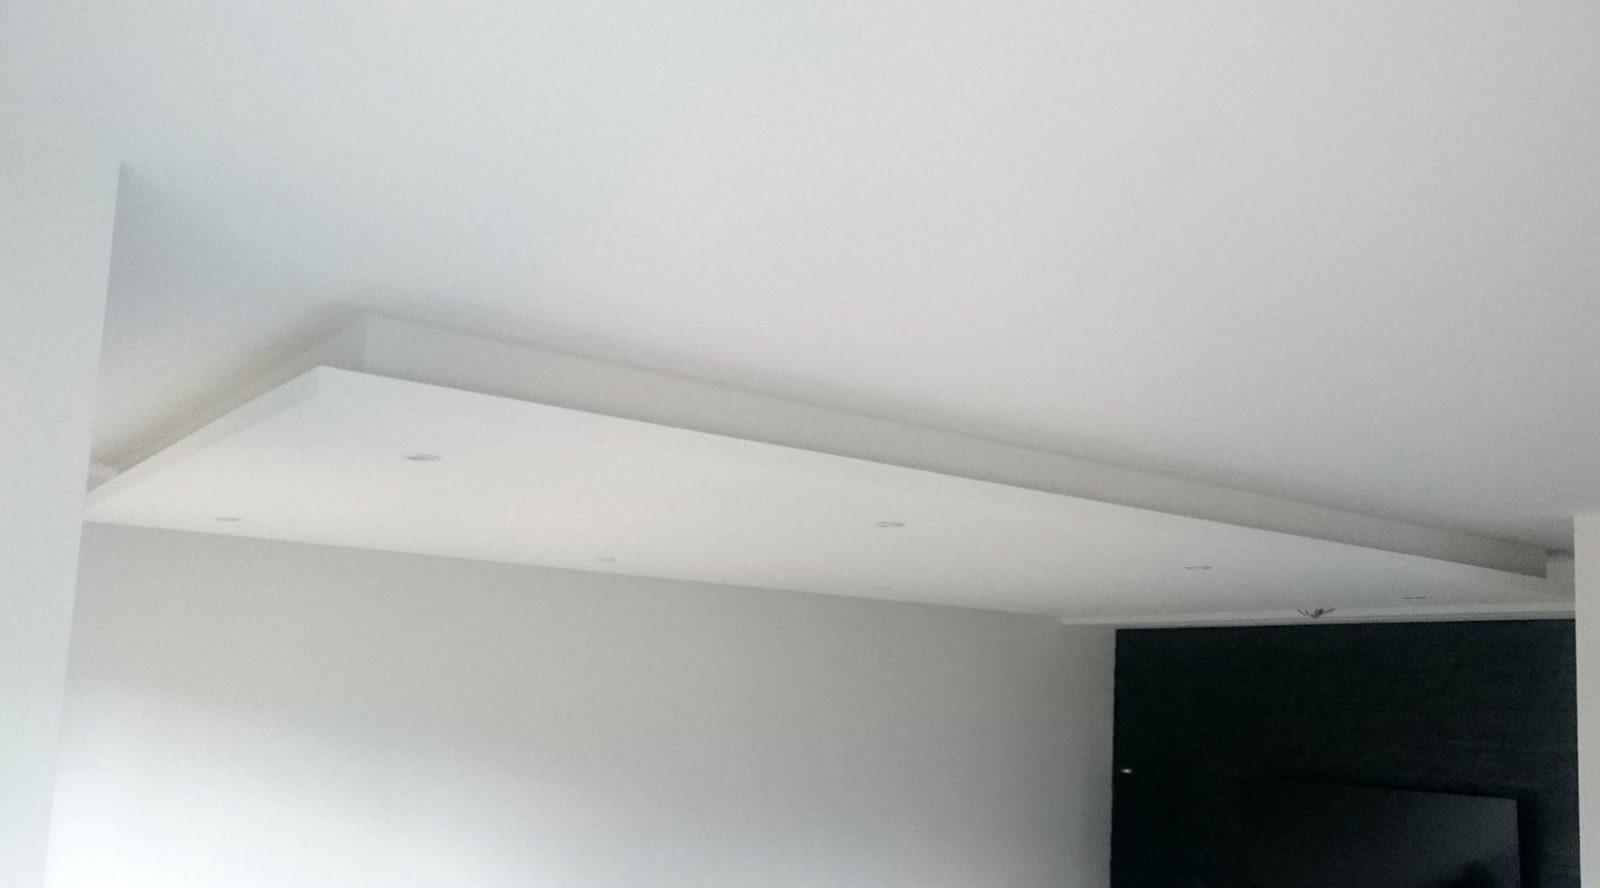 Abgehängte Decke Mit Indirekter Beleuchtung (Lichtvouten) Selber Machen von Rigips Decke Indirekte Beleuchtung Photo